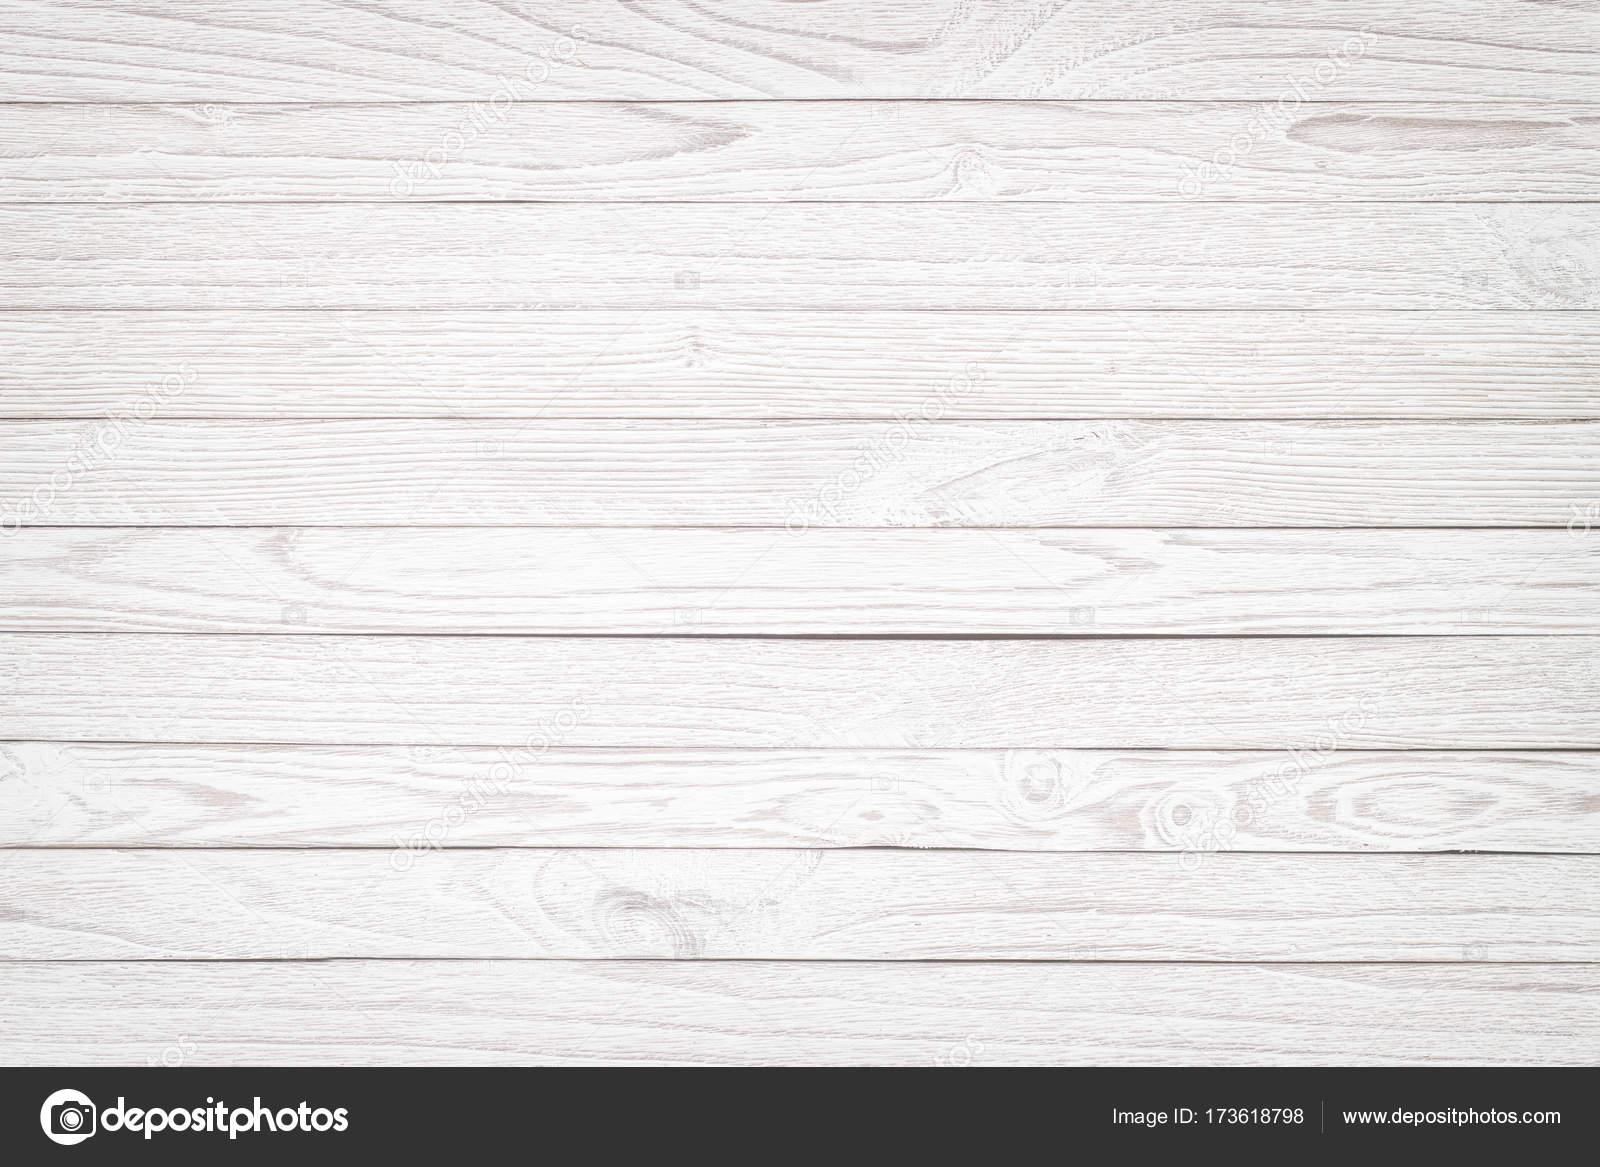 Legno Bianco Texture : Texture di sfondo in legno bianco vintage scaricare foto premium